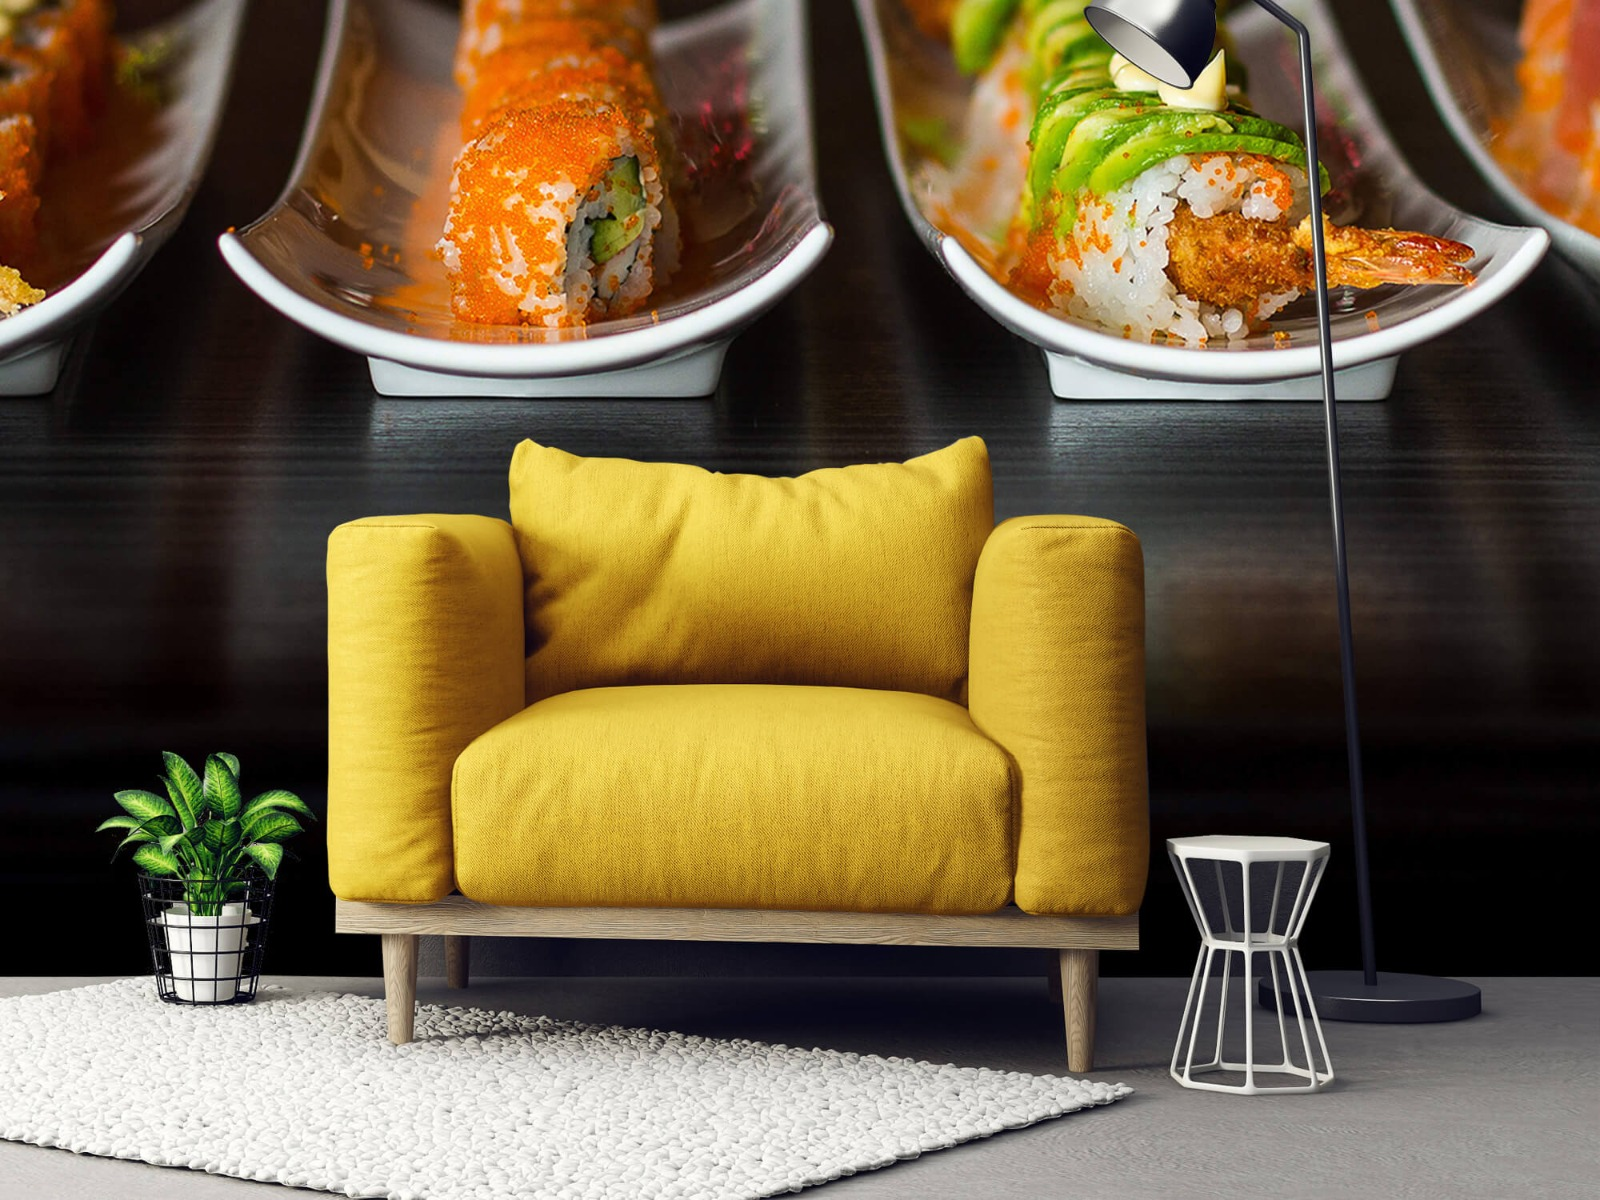 Overige - Sushi - Keuken 21